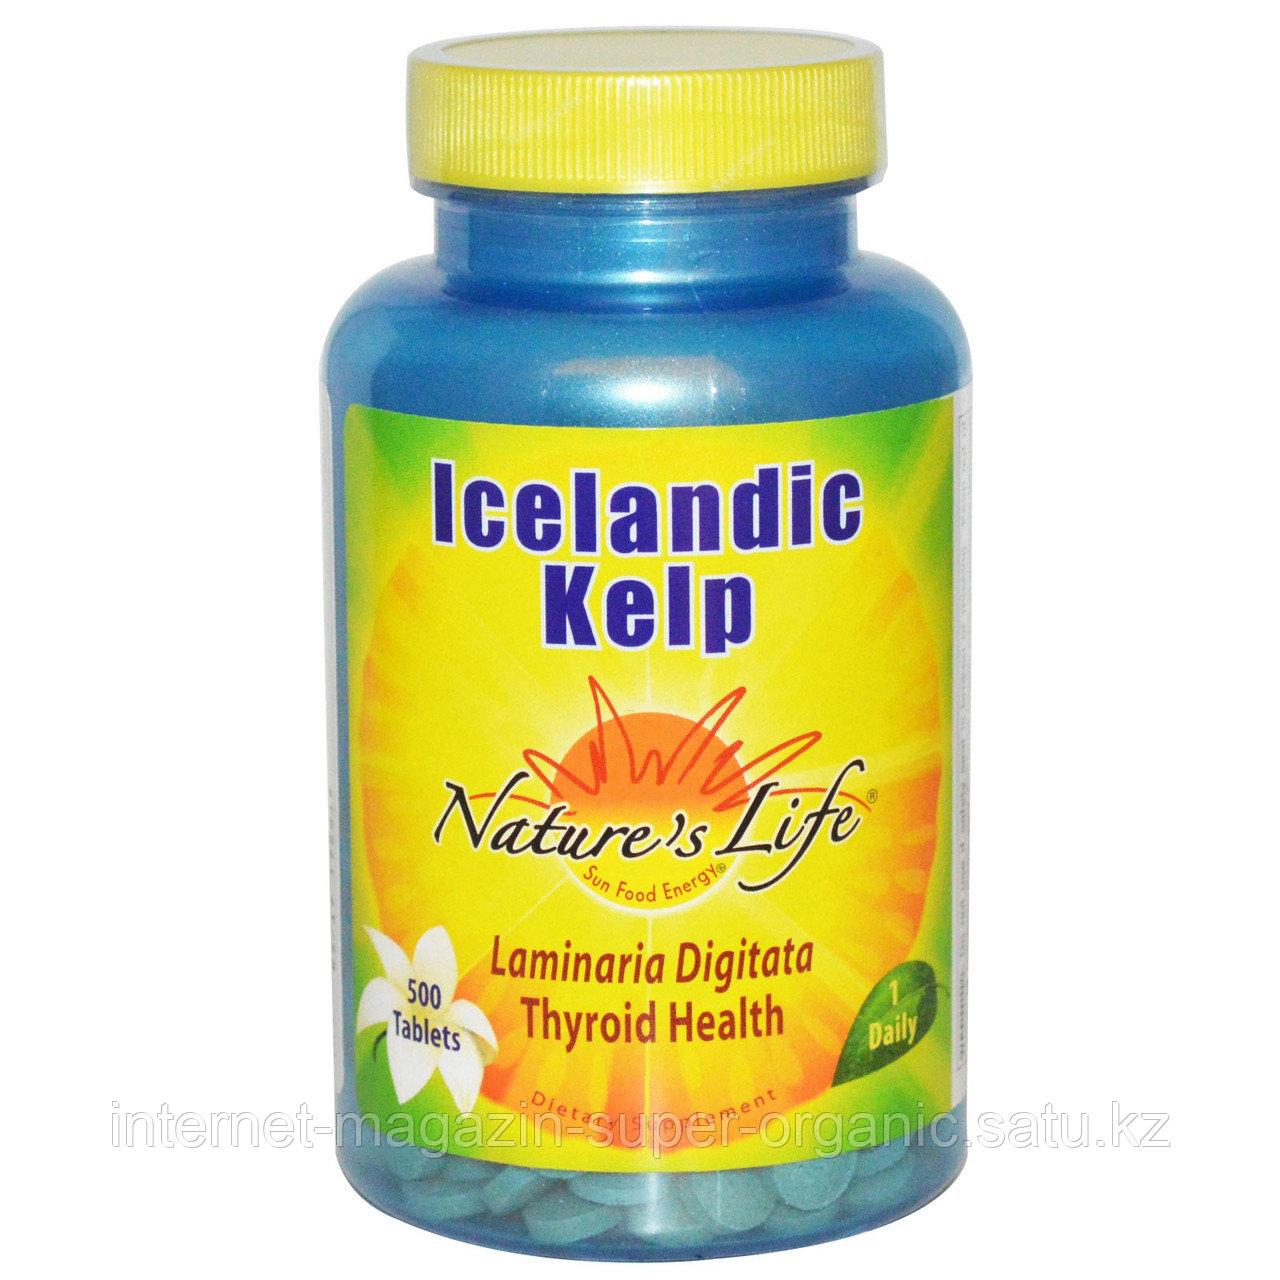 Ламинария исландская, 500 таблеток, Nature's Life 500 таблеток